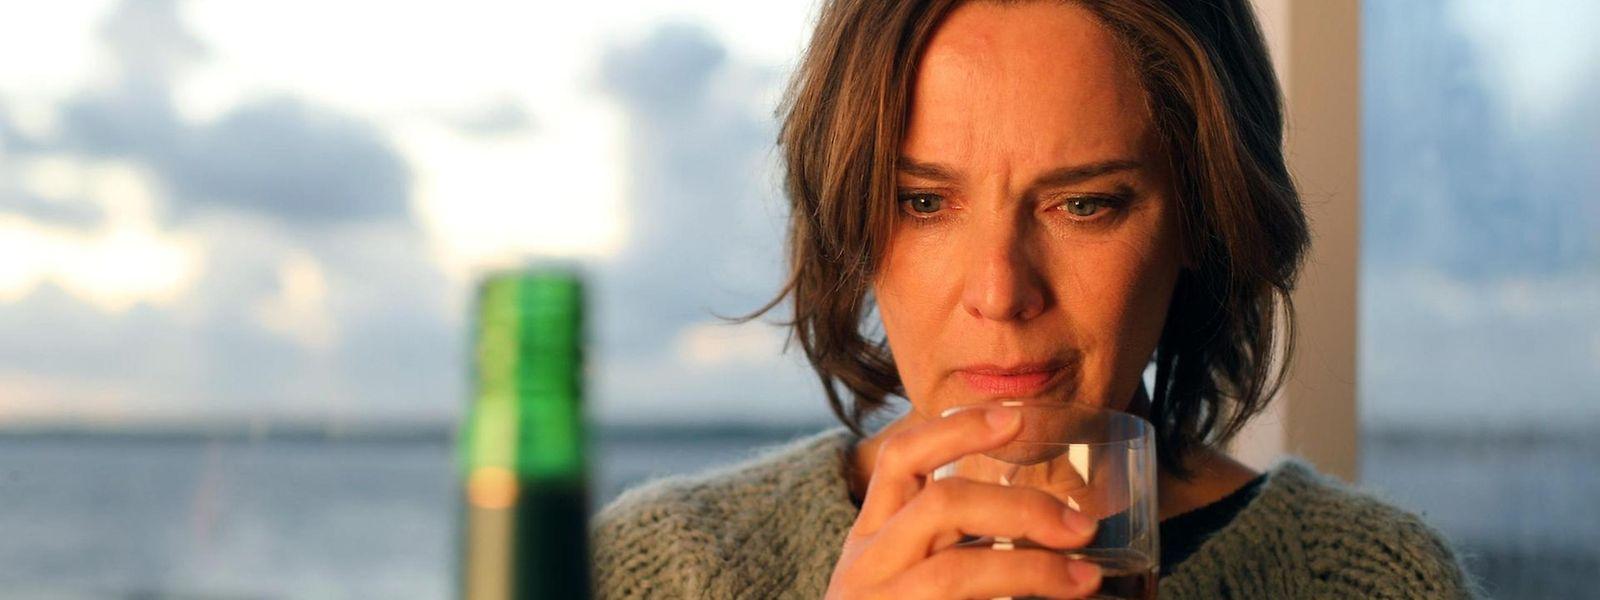 Die Ermittlerin und Ex-Alkoholikerin Catherine Blake (gespielt von Desirée Nosbusch) muss sich nicht nur in den Fällen beweisen, sondern auch im Privatleben.